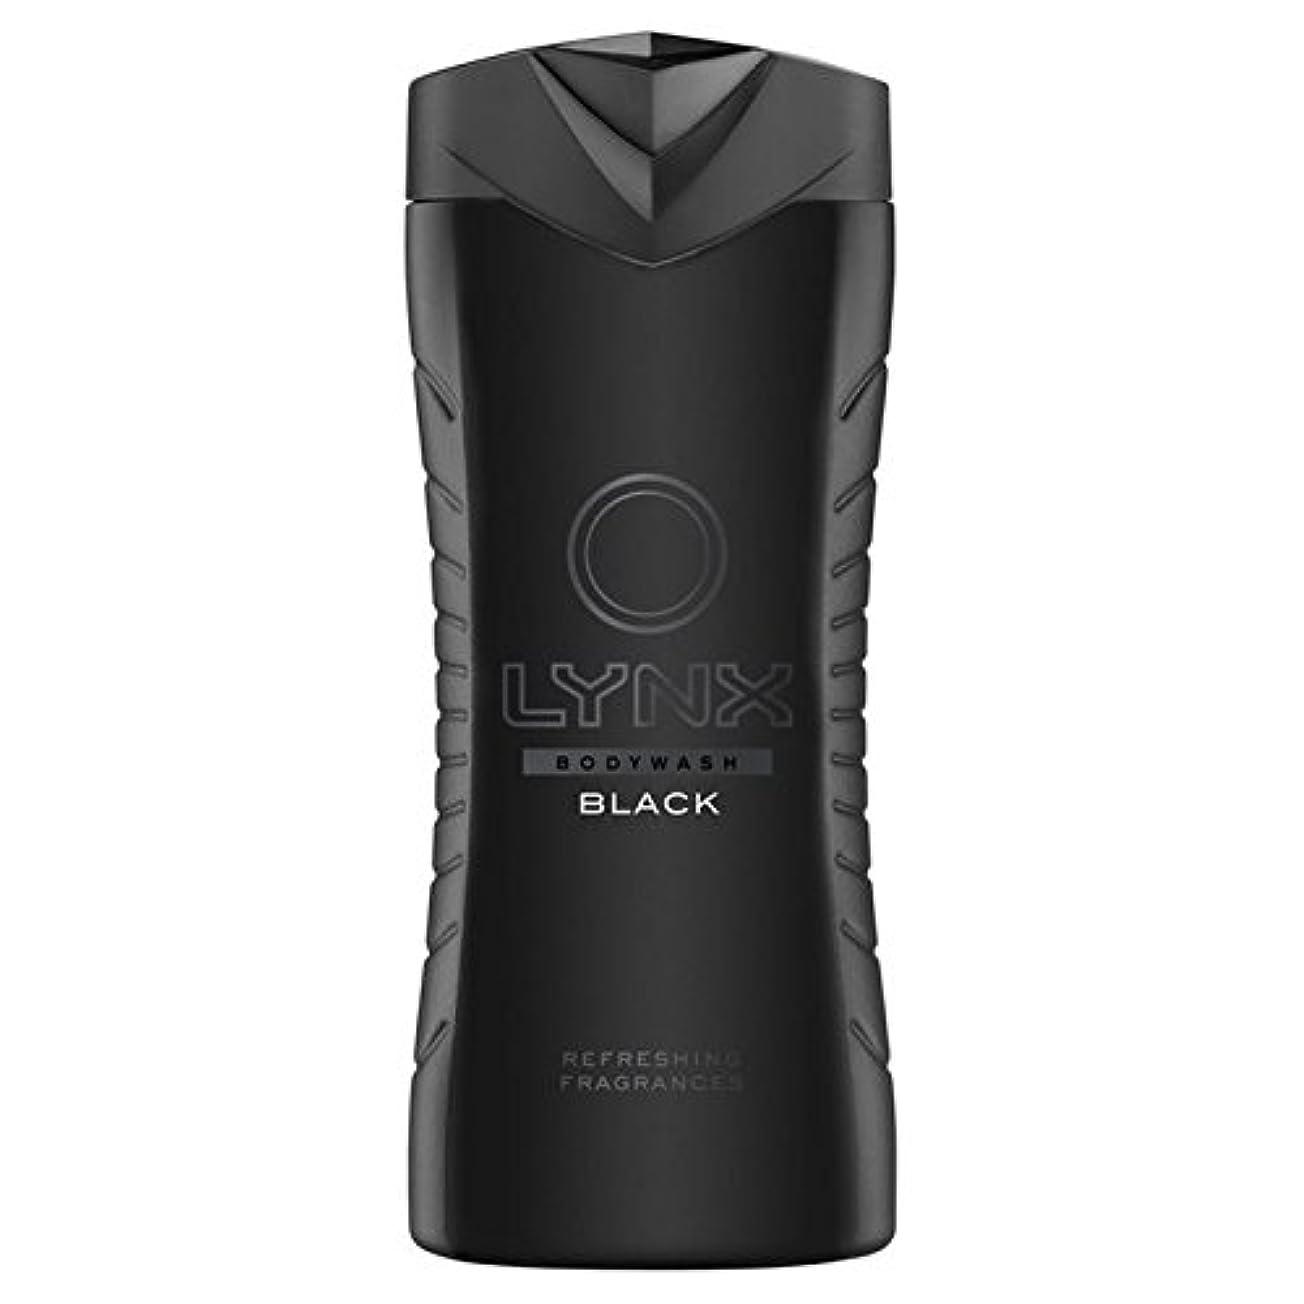 プロテスタントびっくりする手足オオヤマネコブラックシャワージェル400ミリリットル x2 - Lynx Black Shower Gel 400ml (Pack of 2) [並行輸入品]